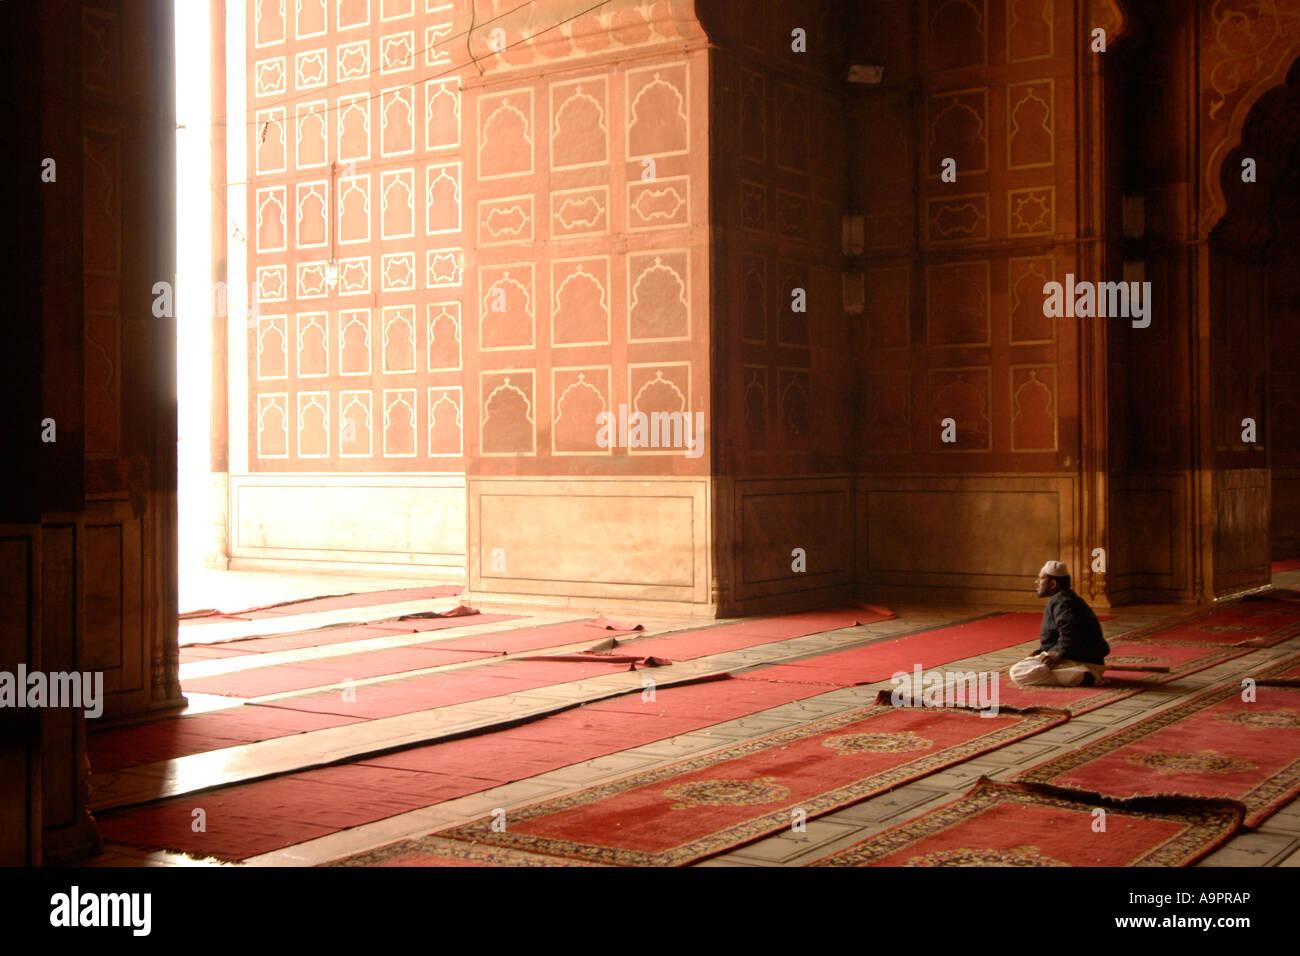 Hombre de oración, Jama Masjid mezquita (1656), Nueva Delhi, India Imagen De Stock